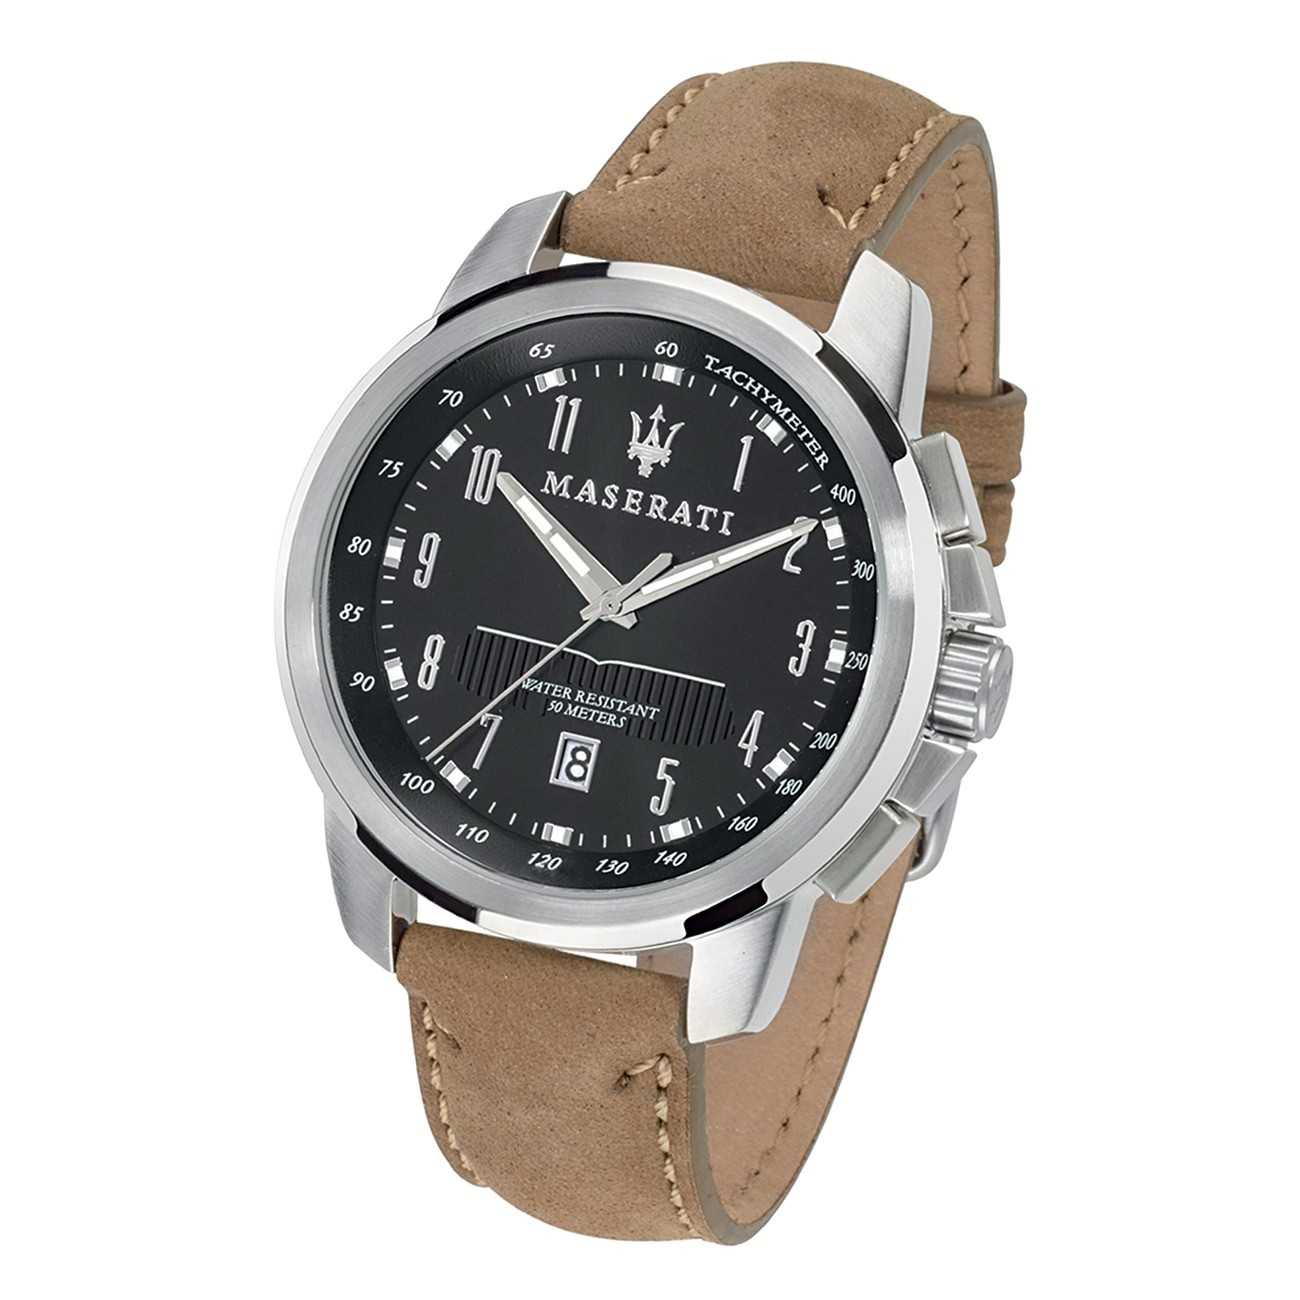 Maserati Herren Armbanduhr Successo Analog Leder beige UMAR8851121004